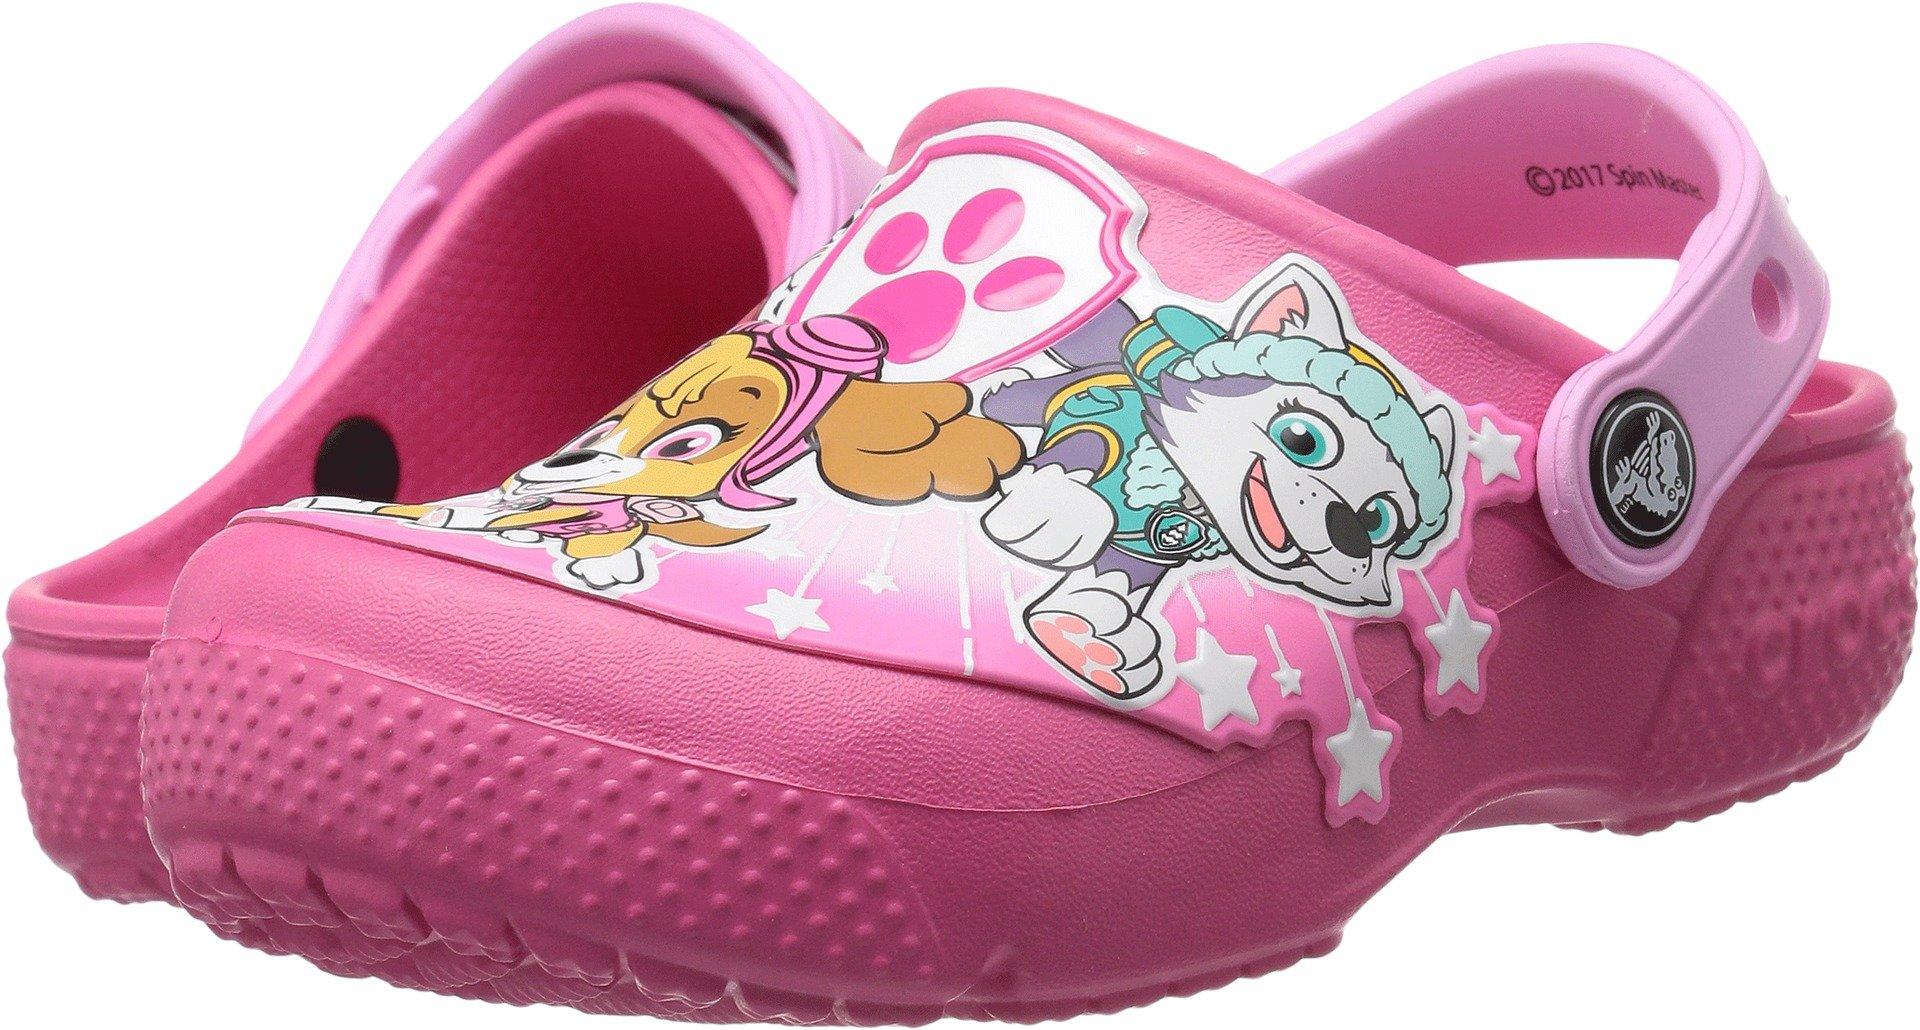 Crocs Girls' funlab Pawpatrol Clog, Vibrant Pink, 10 M US Toddler